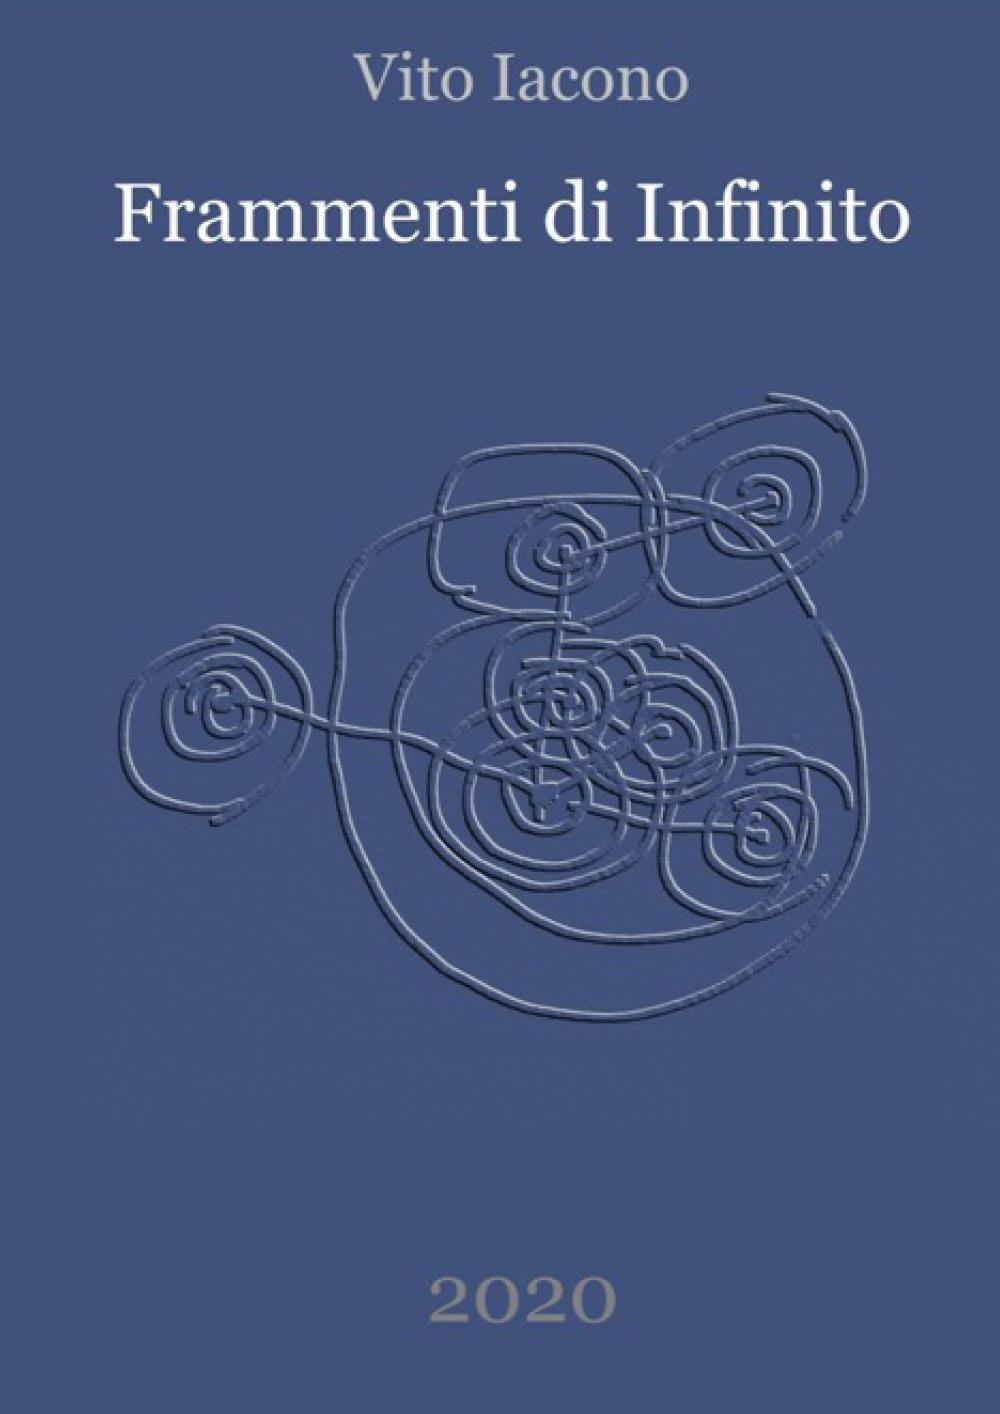 Frammenti di Infinito